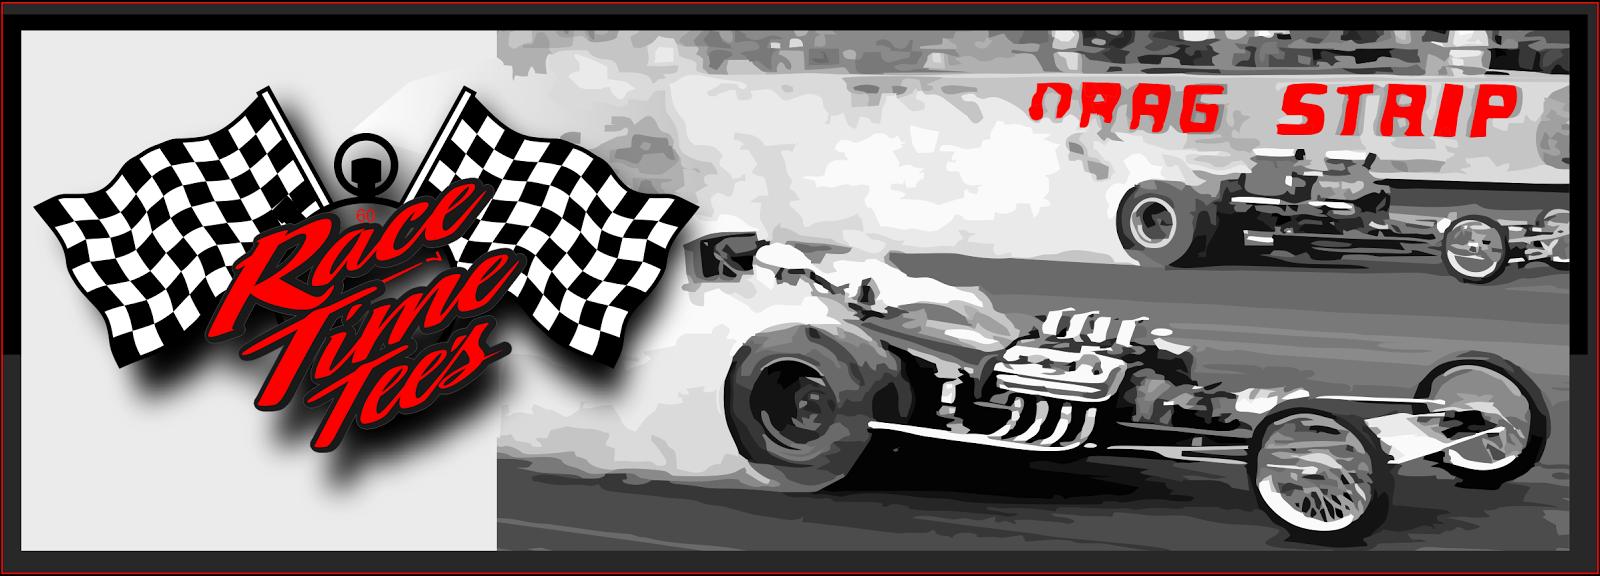 Race Time Tee's